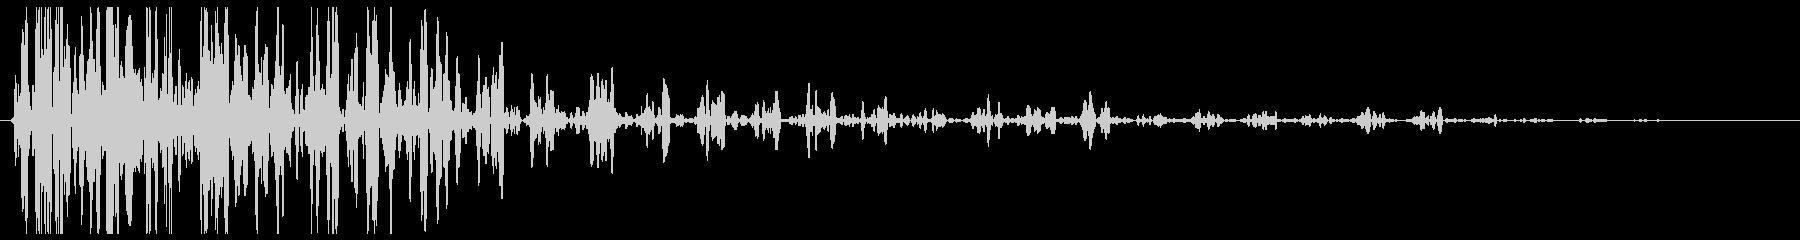 ドカン(爆発系の音)の未再生の波形